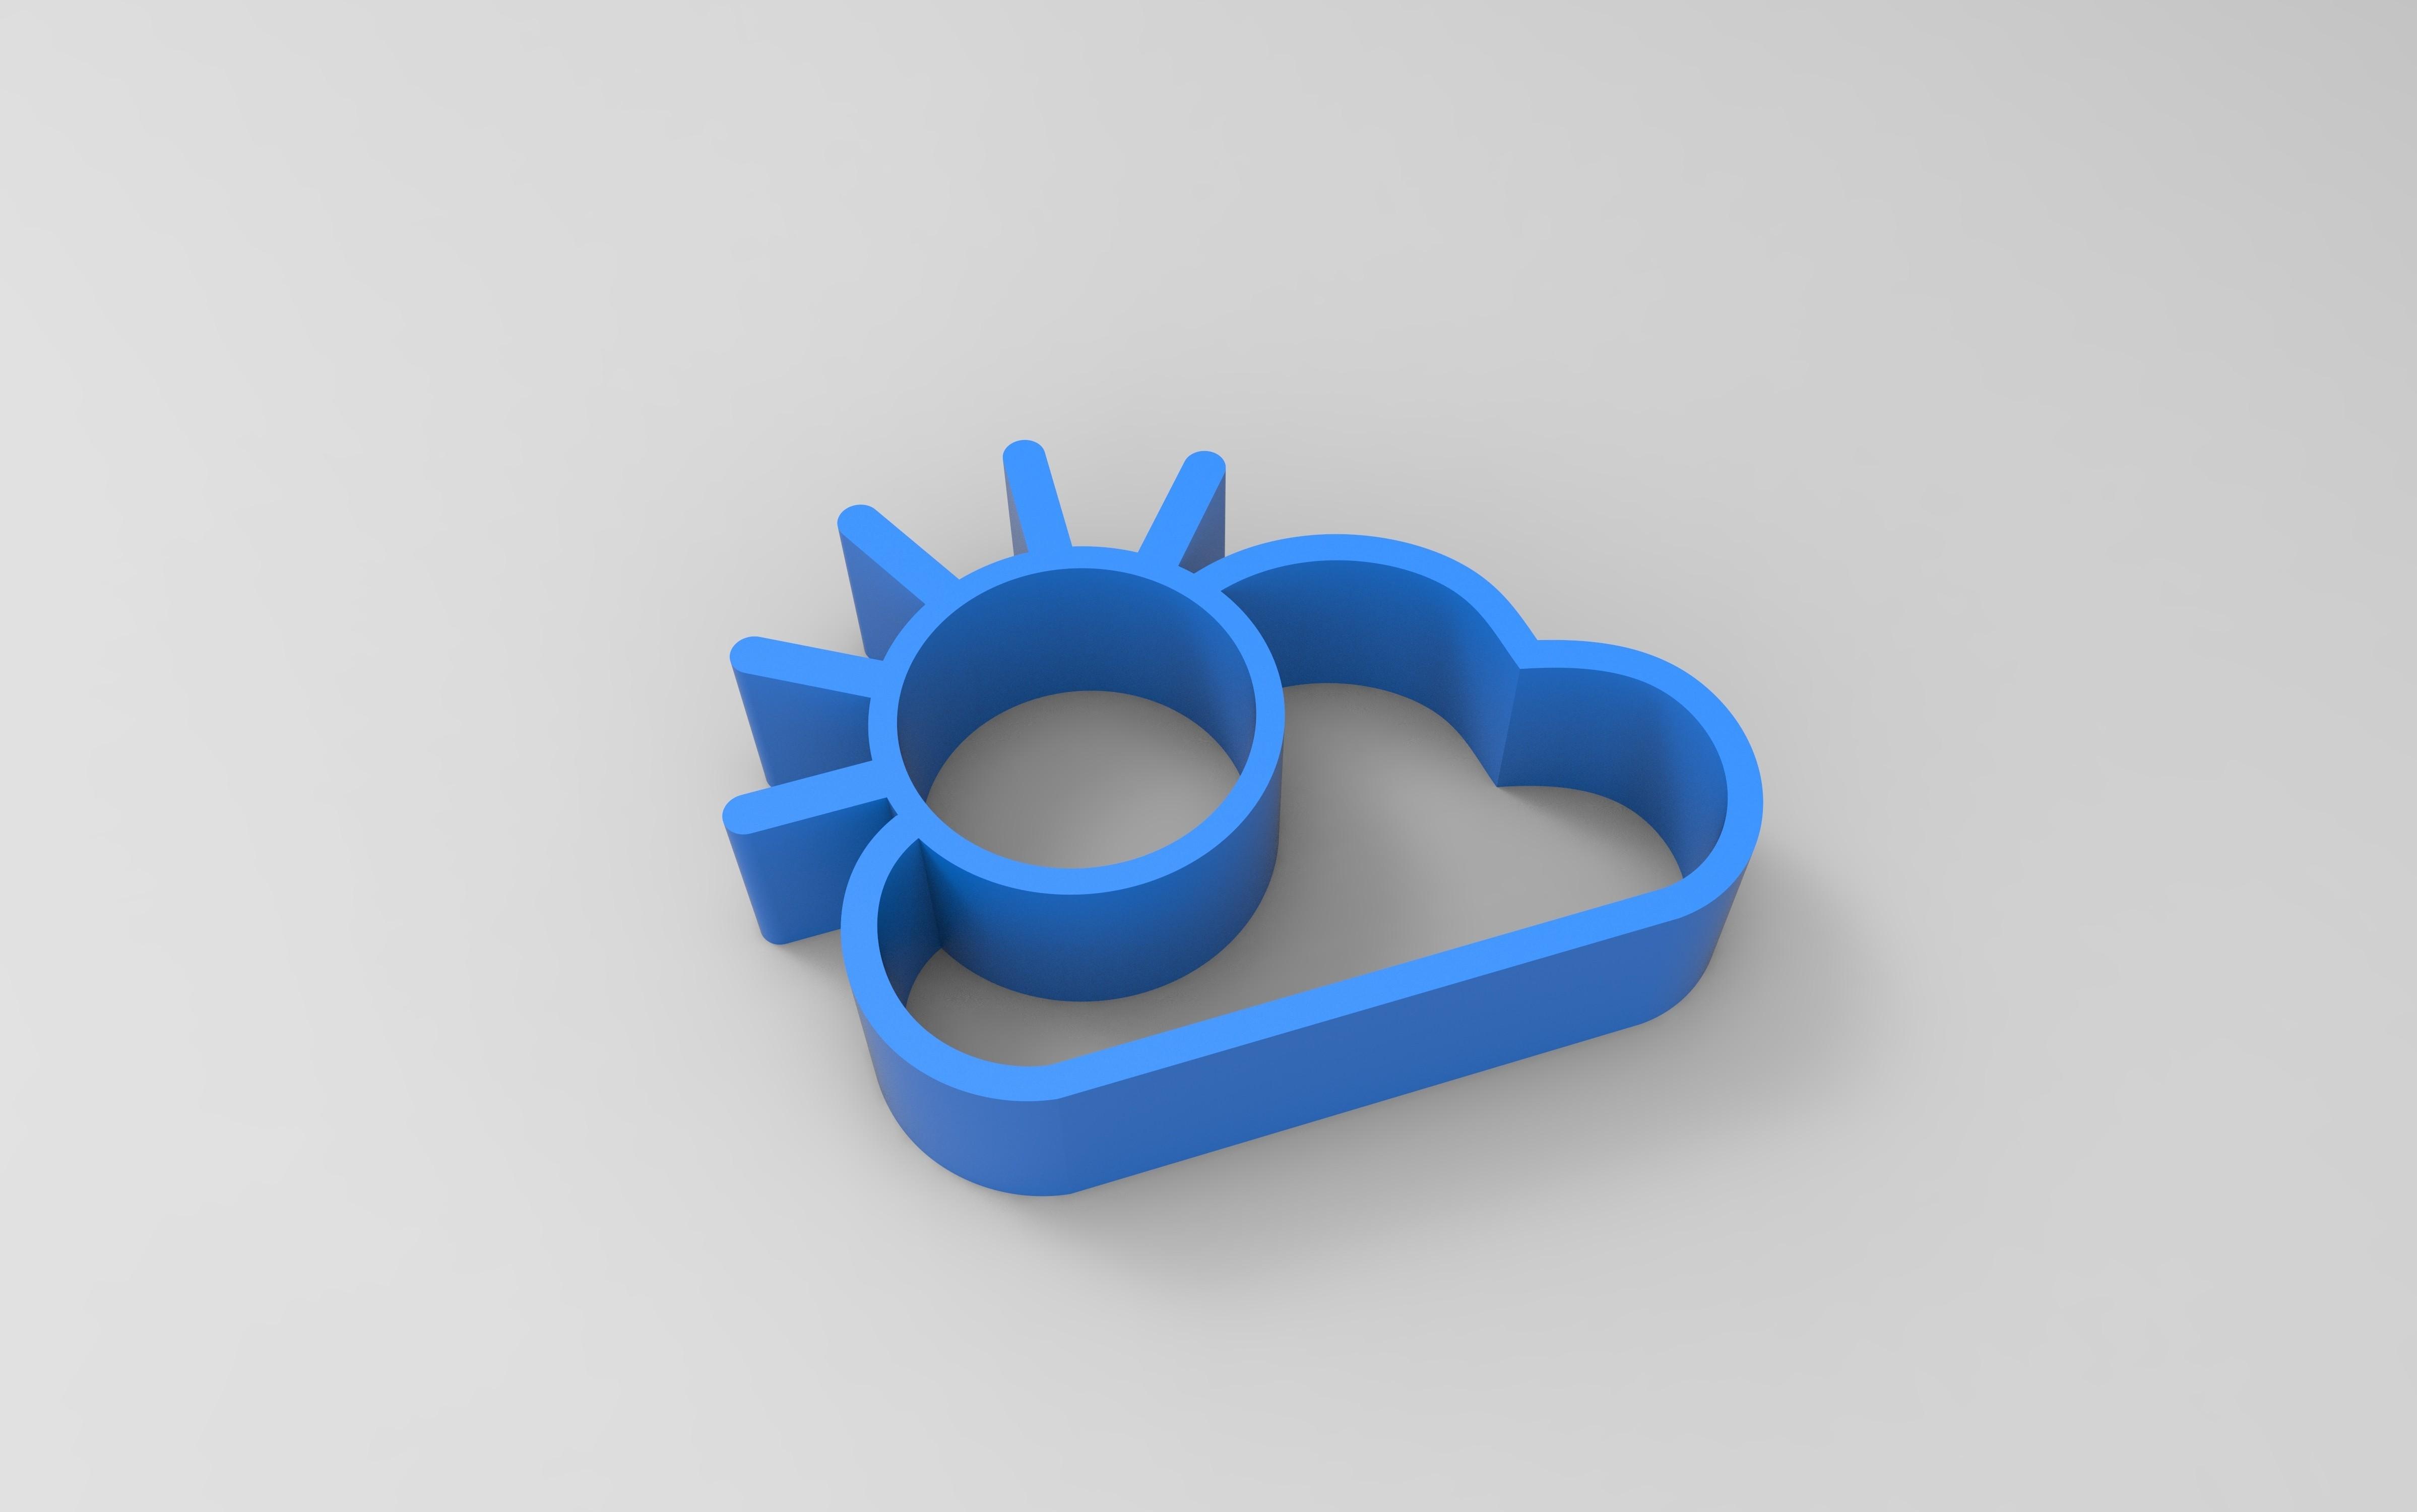 untitled2.157.jpg Télécharger fichier STL gratuit Moule pour oeuf • Design à imprimer en 3D, GuilhemPerroud